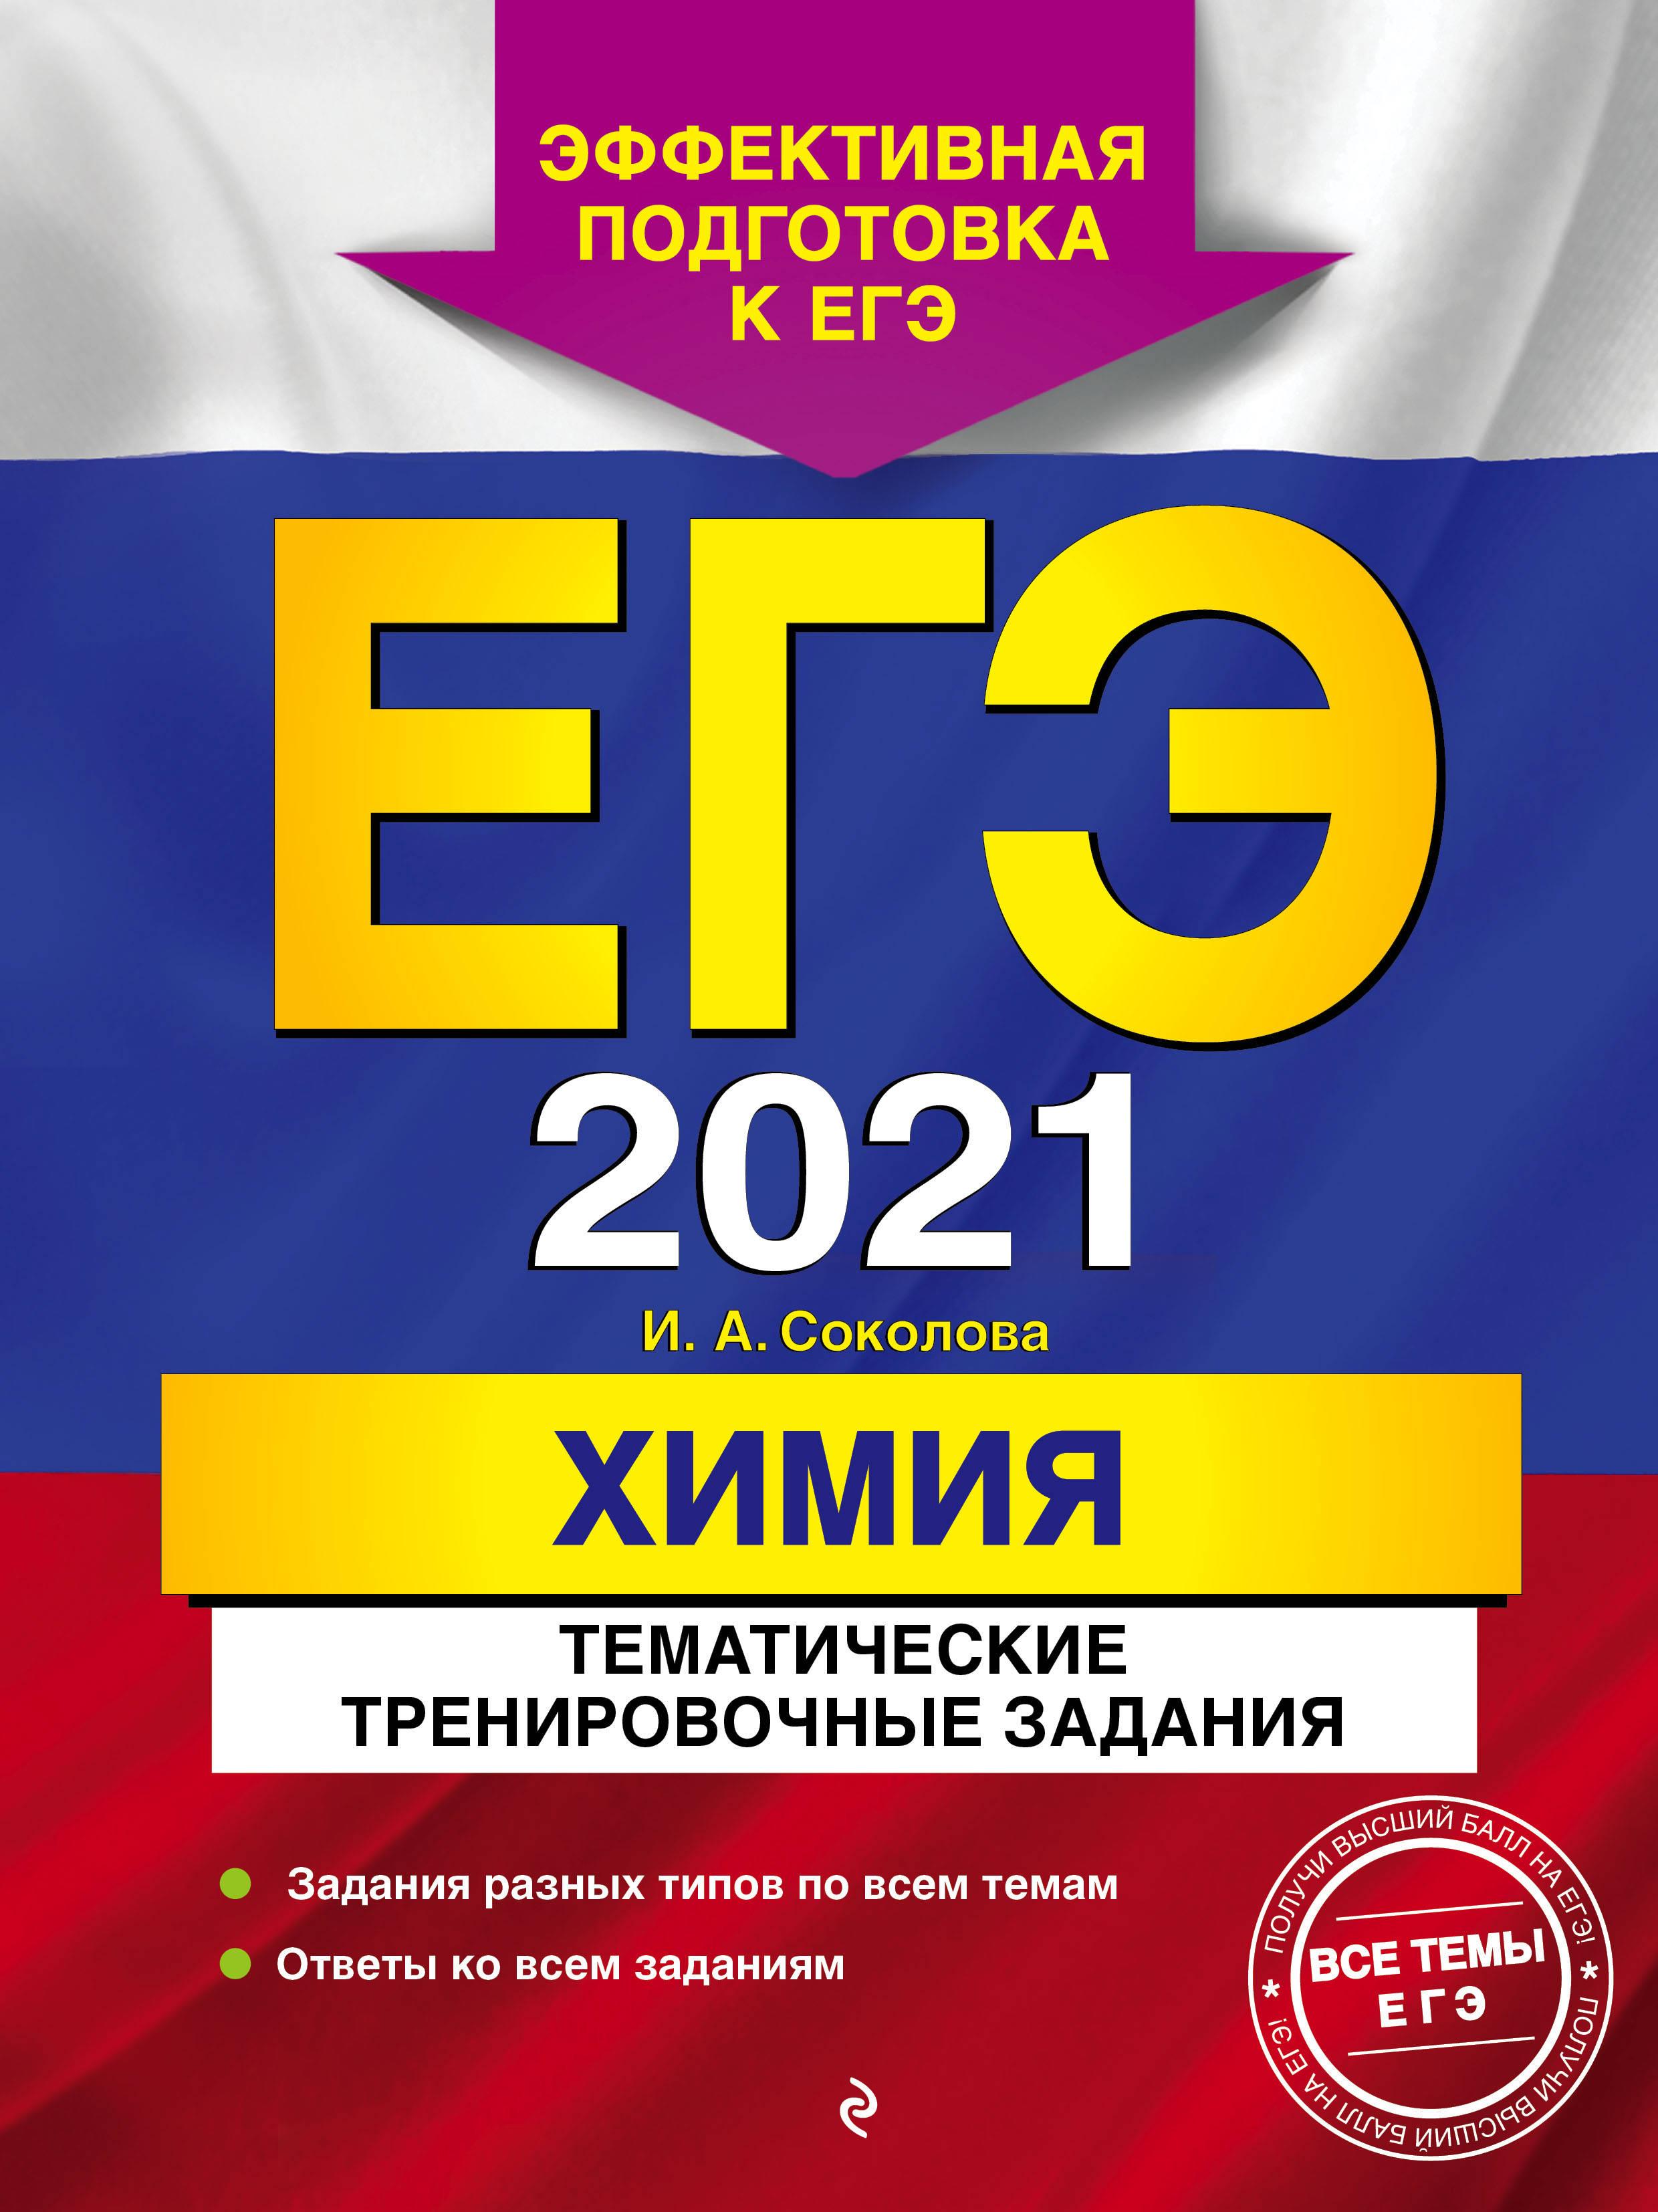 EGE-2021. Khimija. Tematicheskie trenirovochnye zadanija